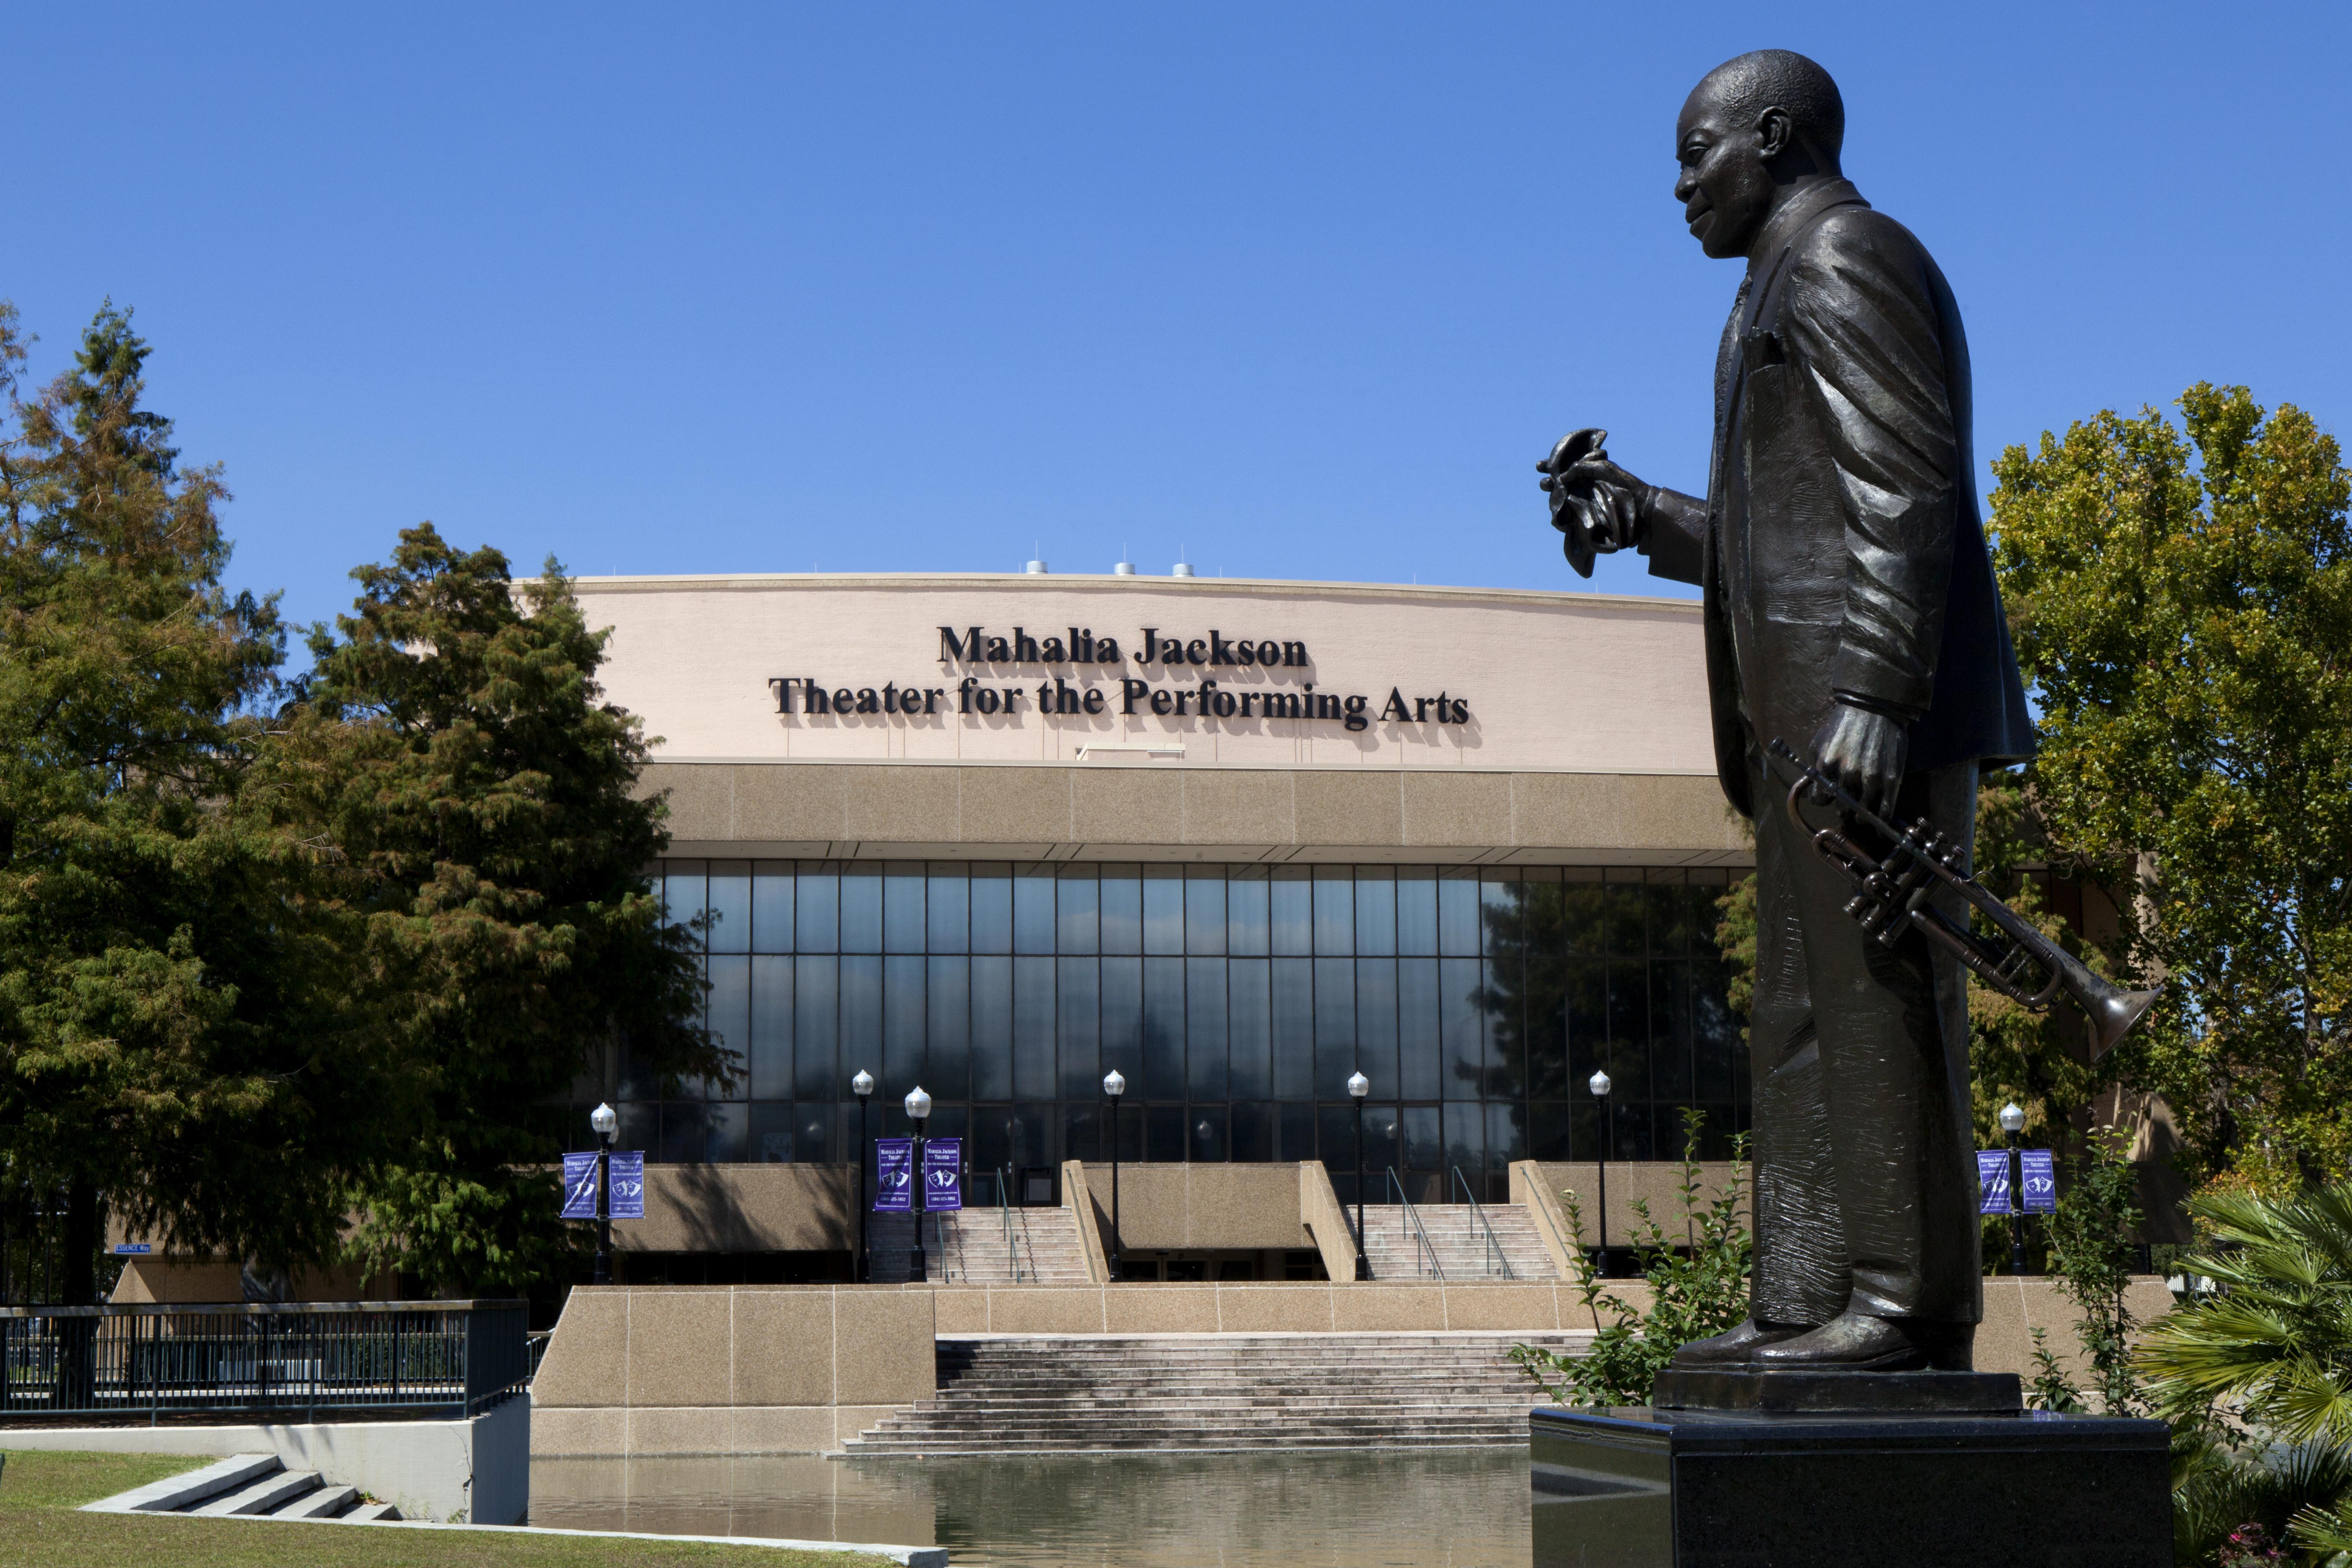 Estatua de Louis Armstrong , en el Teatro Mahalia Jackson. Foto: Aneese / shutterstock.com